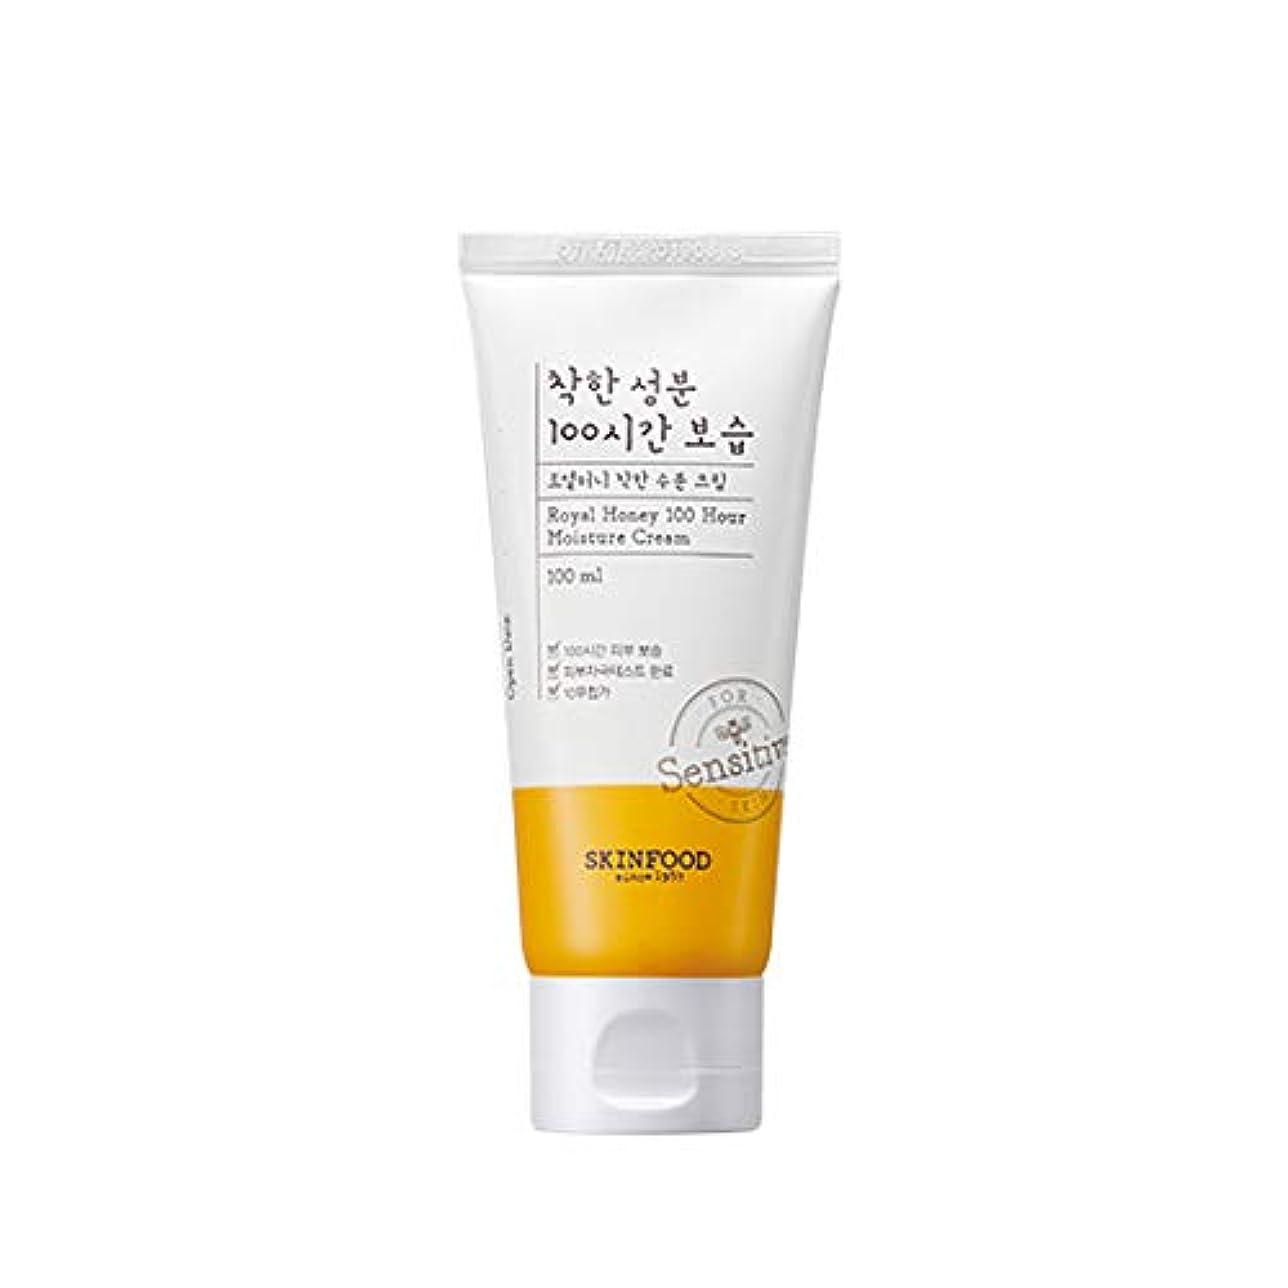 蜜商人足音Skinfood ロイヤルハニー100時間モイスチャークリーム / Royal Honey 100 Hour Moisture Cream 100ml [並行輸入品]